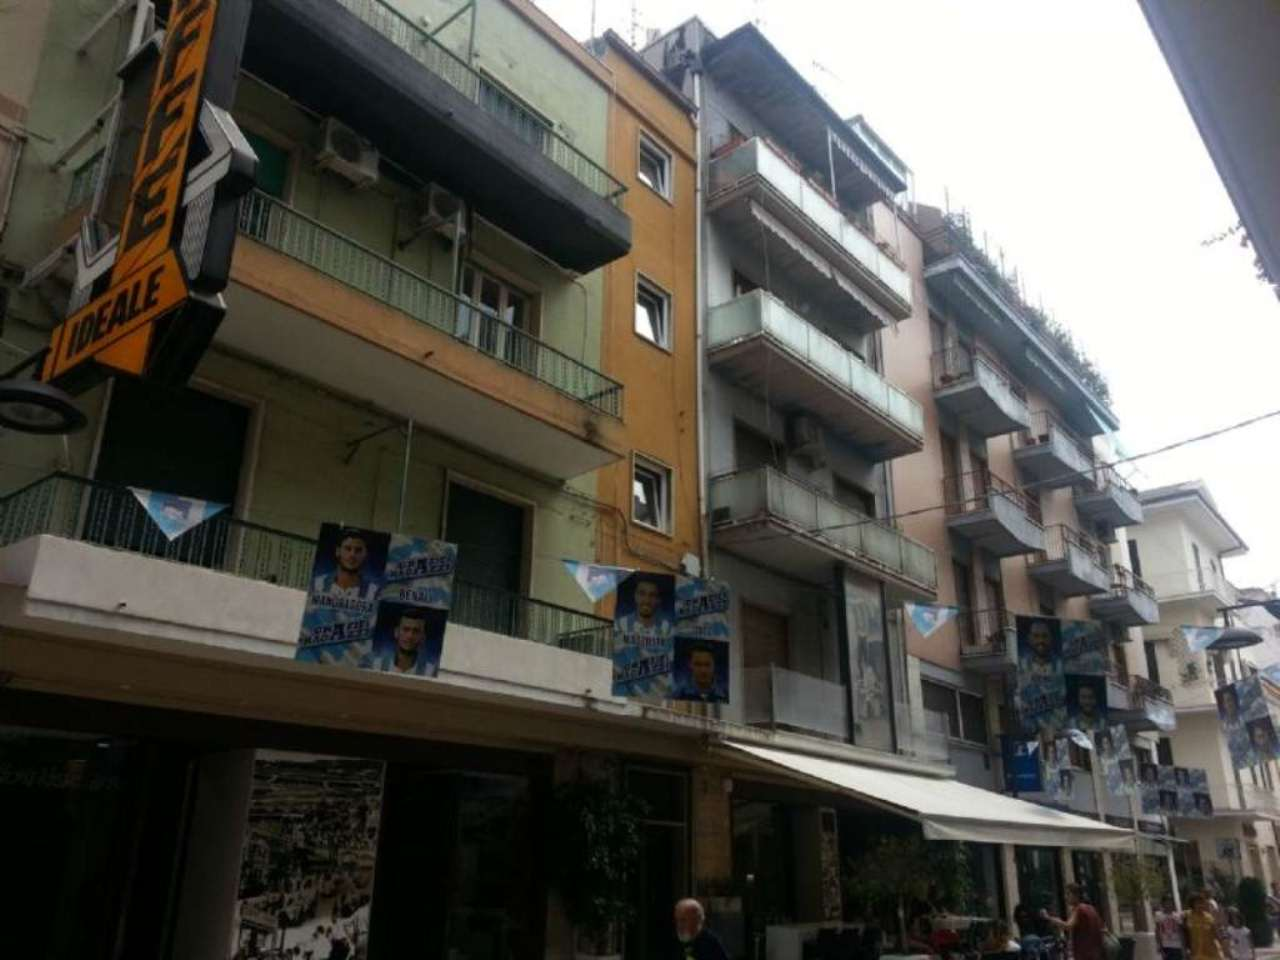 Ufficio / Studio in affitto a Pescara, 3 locali, prezzo € 700 | Cambio Casa.it